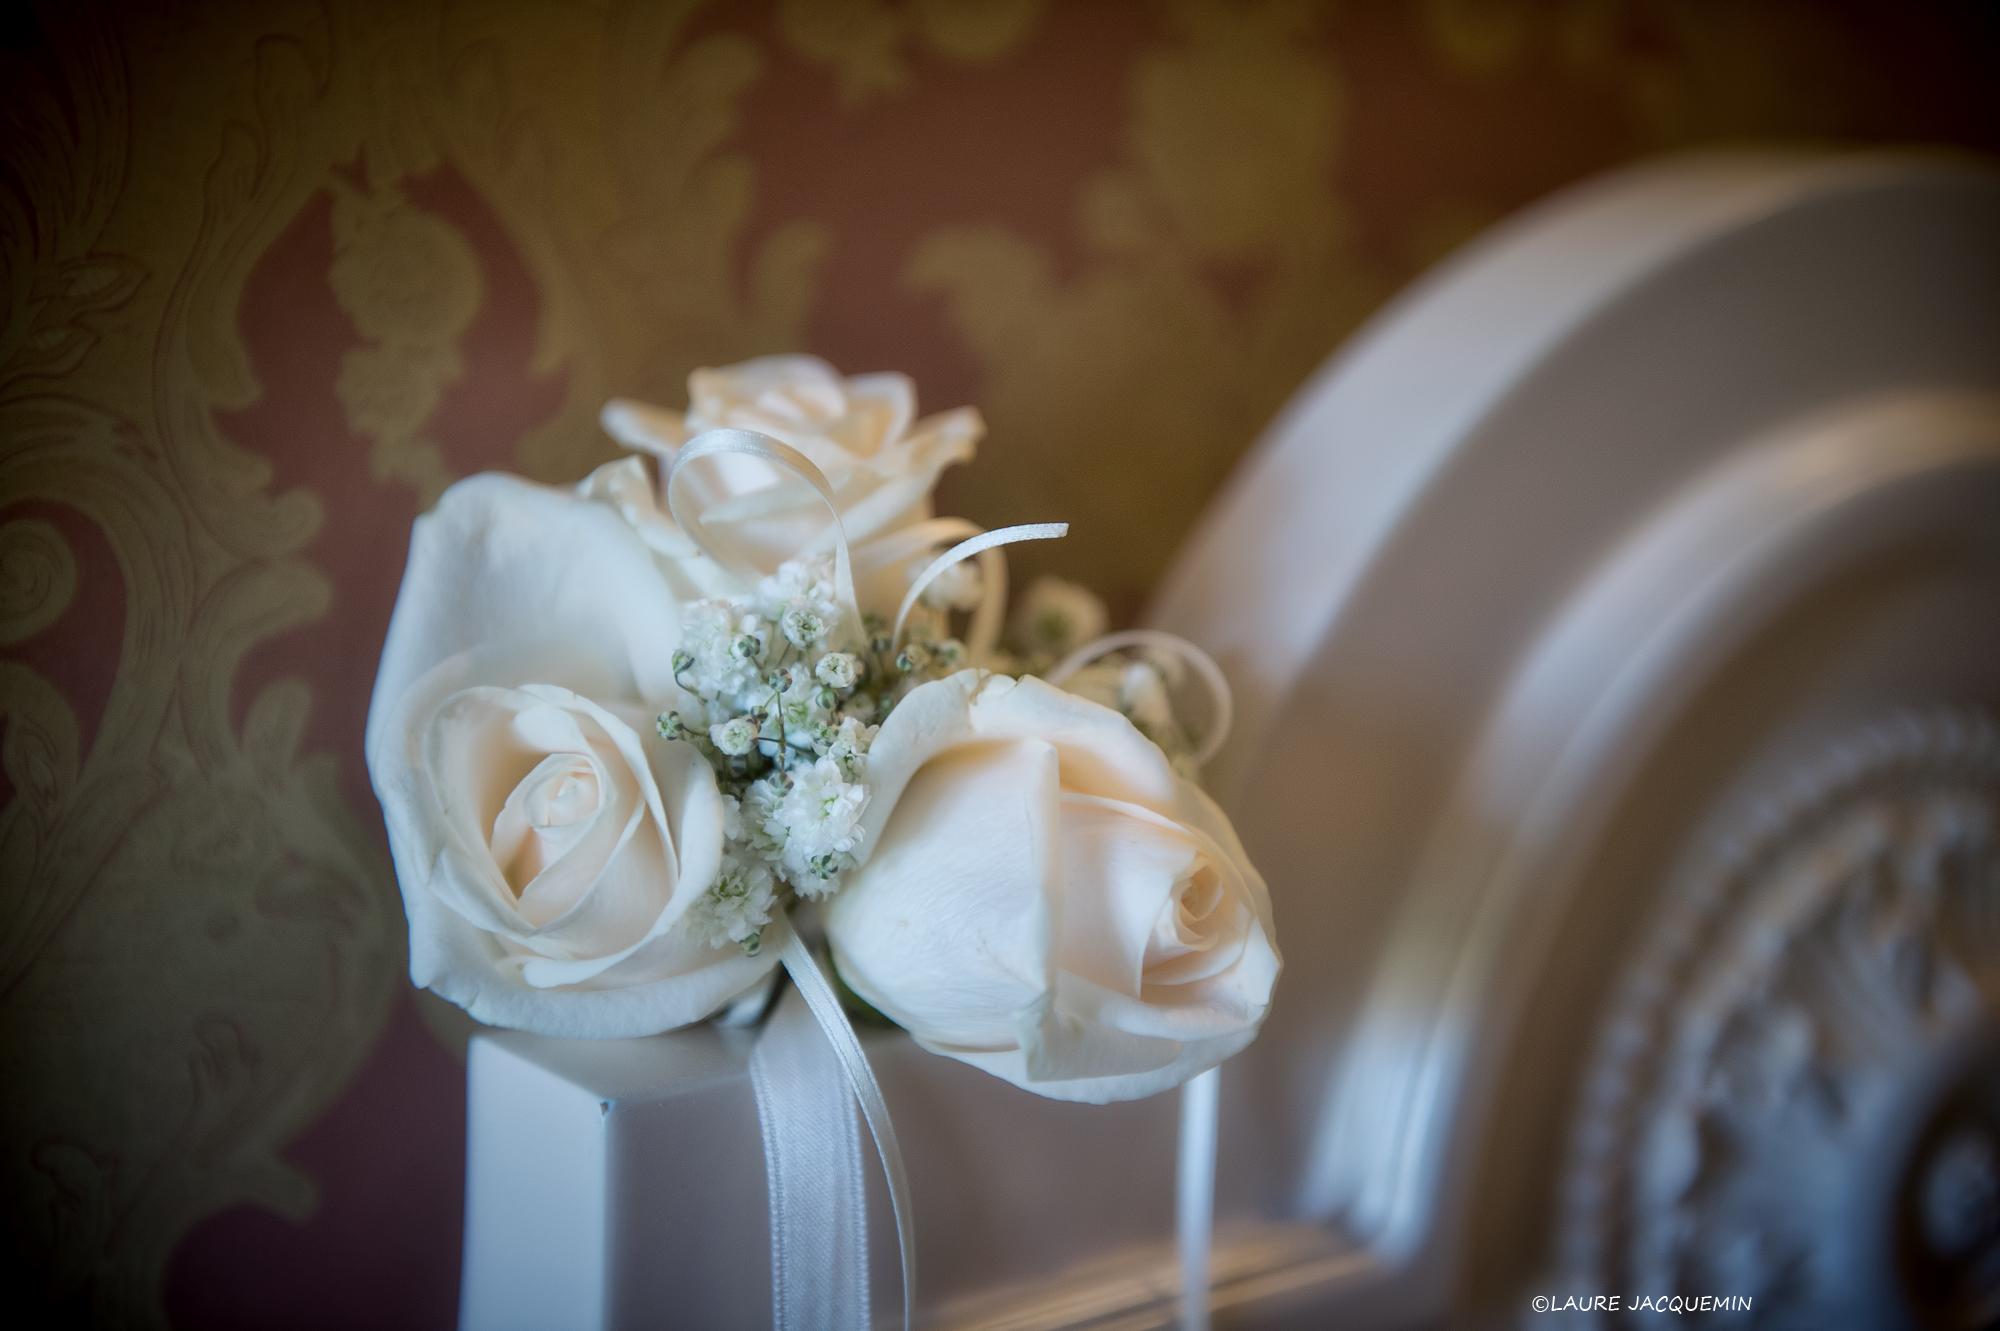 venise mariage photographe laure Jacquemin simbolique jardin venitien gondole (2)